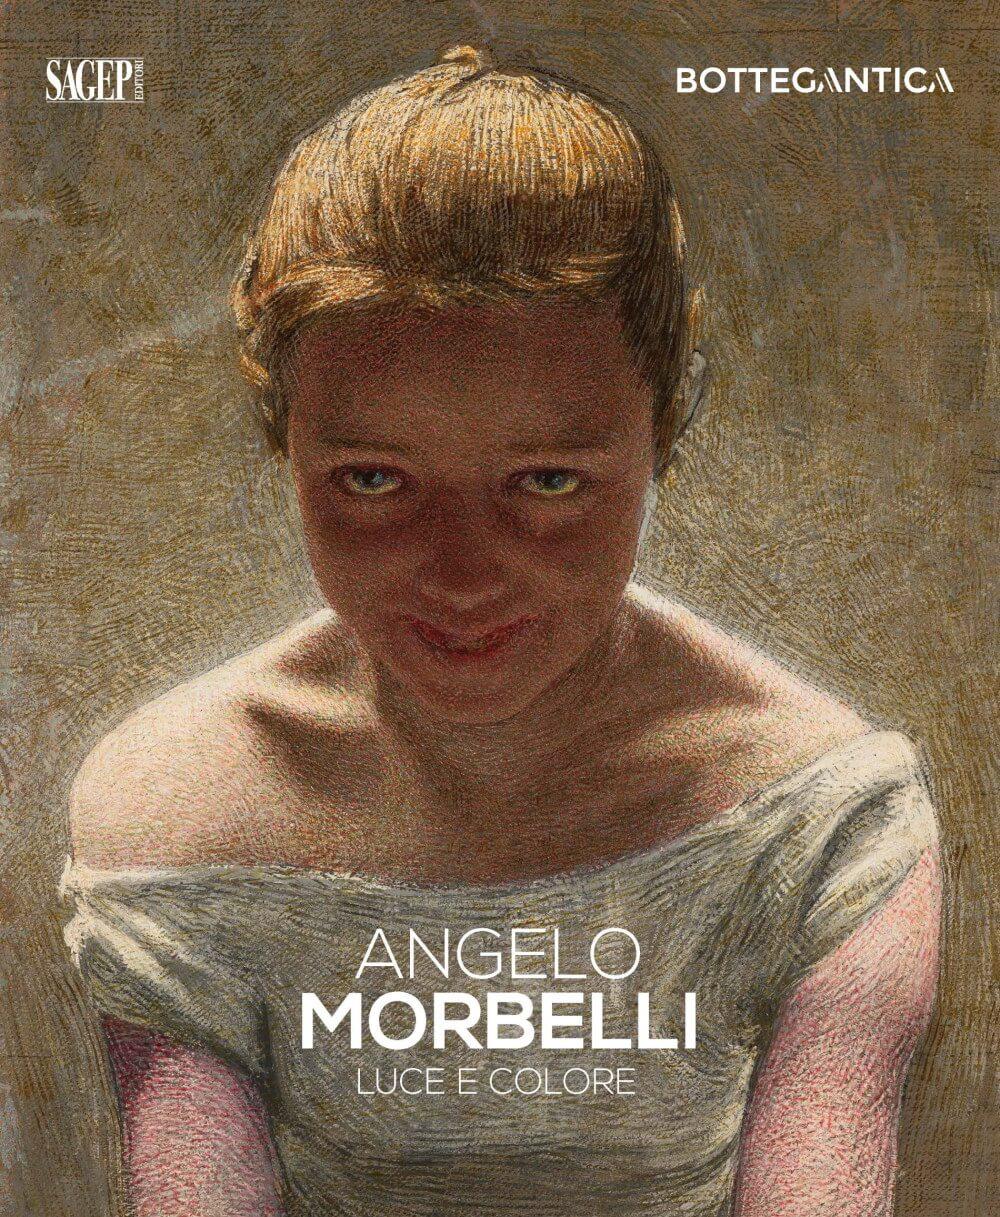 Angelo Morbelli, Luce e colore